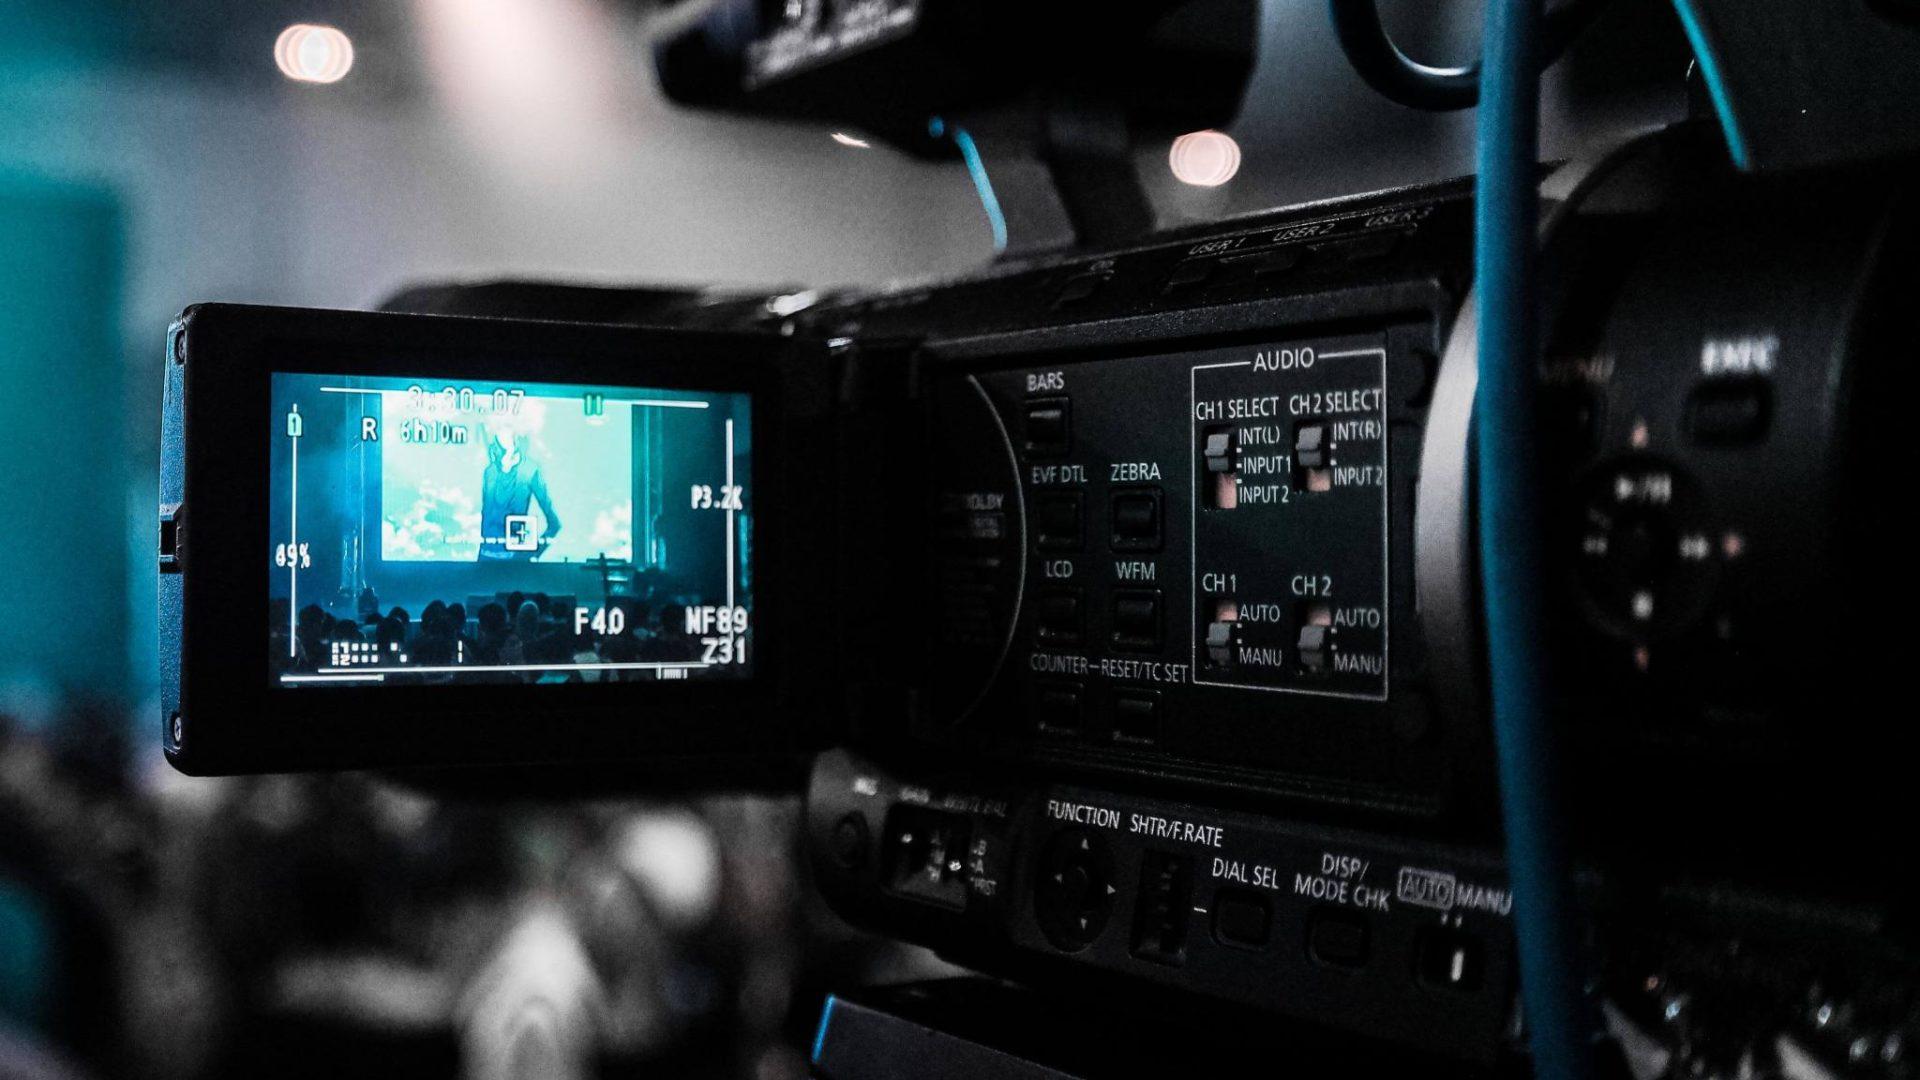 Réalisation de documentaire vidéo